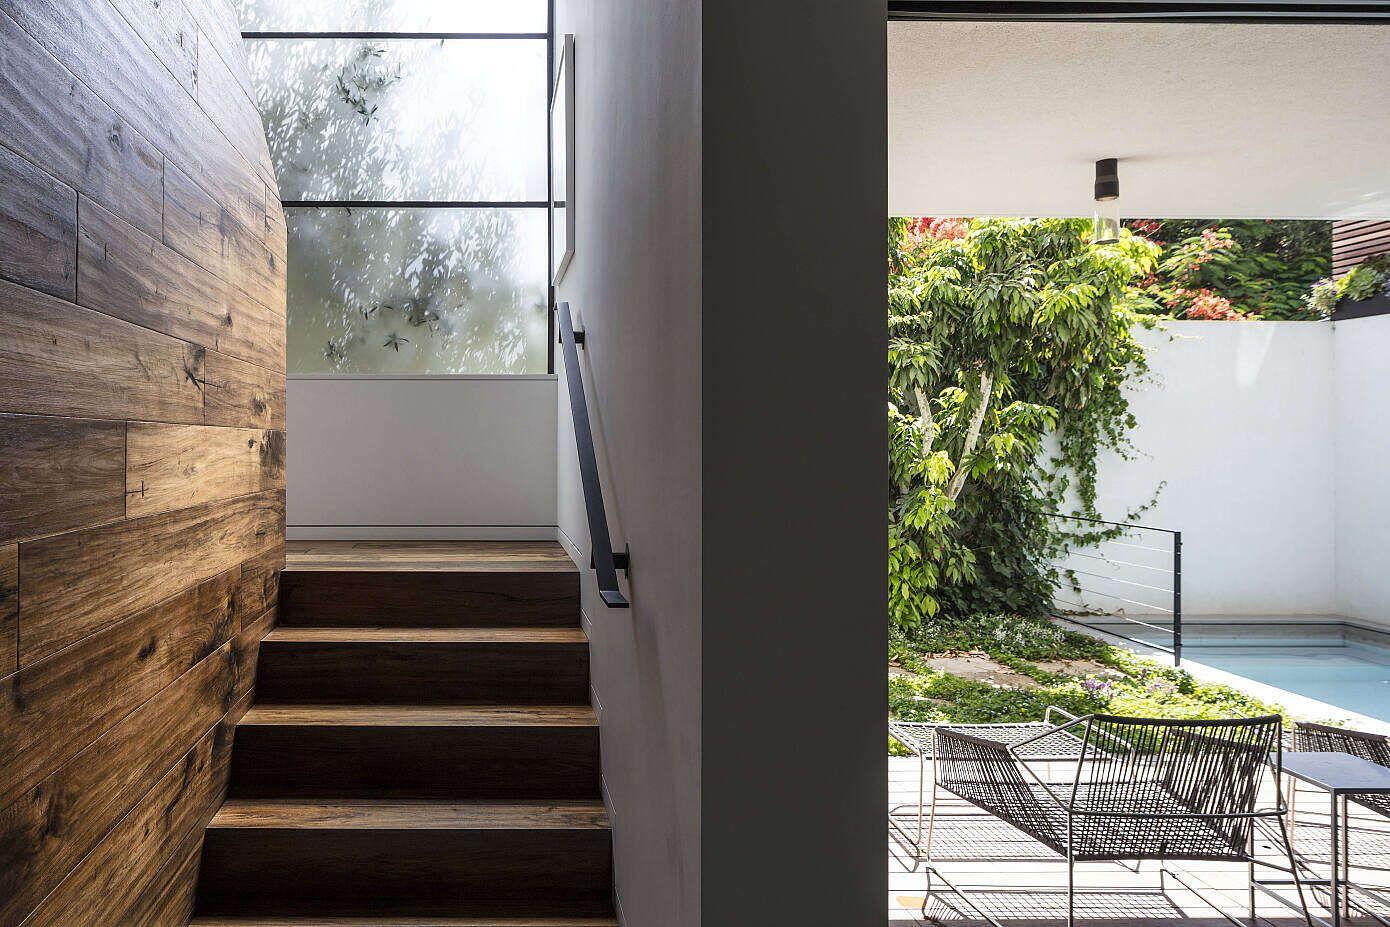 Une Maison Contemporaine Aux Larges Espaces Ouverts Et A La Facade